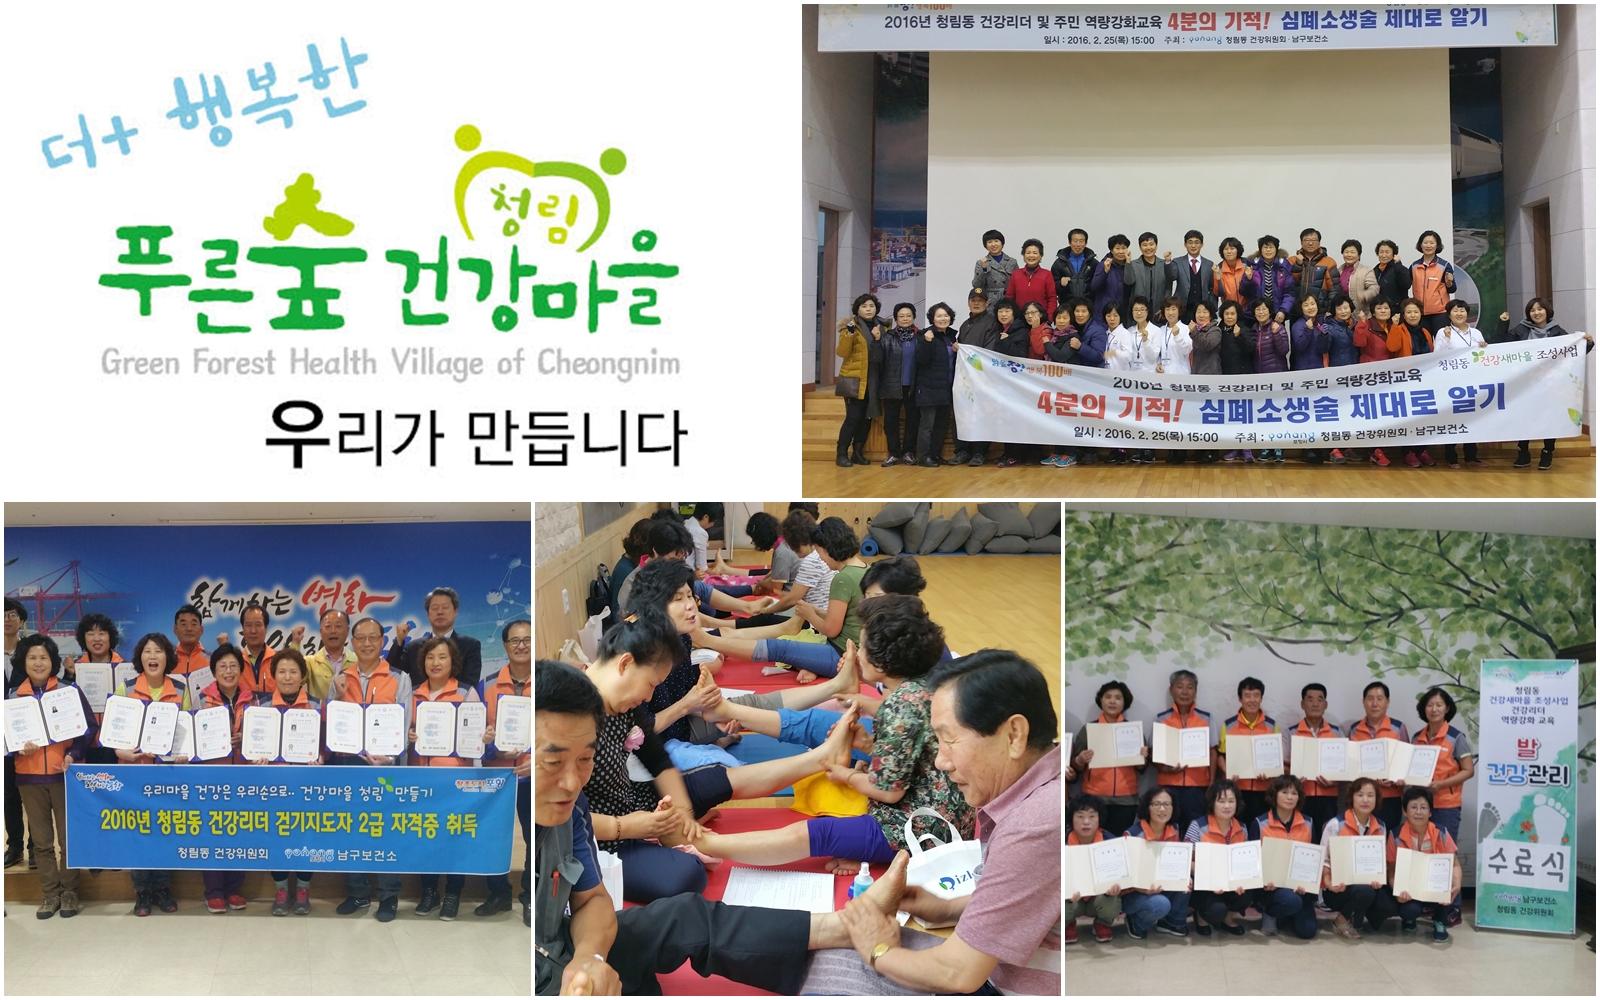 청림동 건강새마을 조성사업 관련 활동 사진